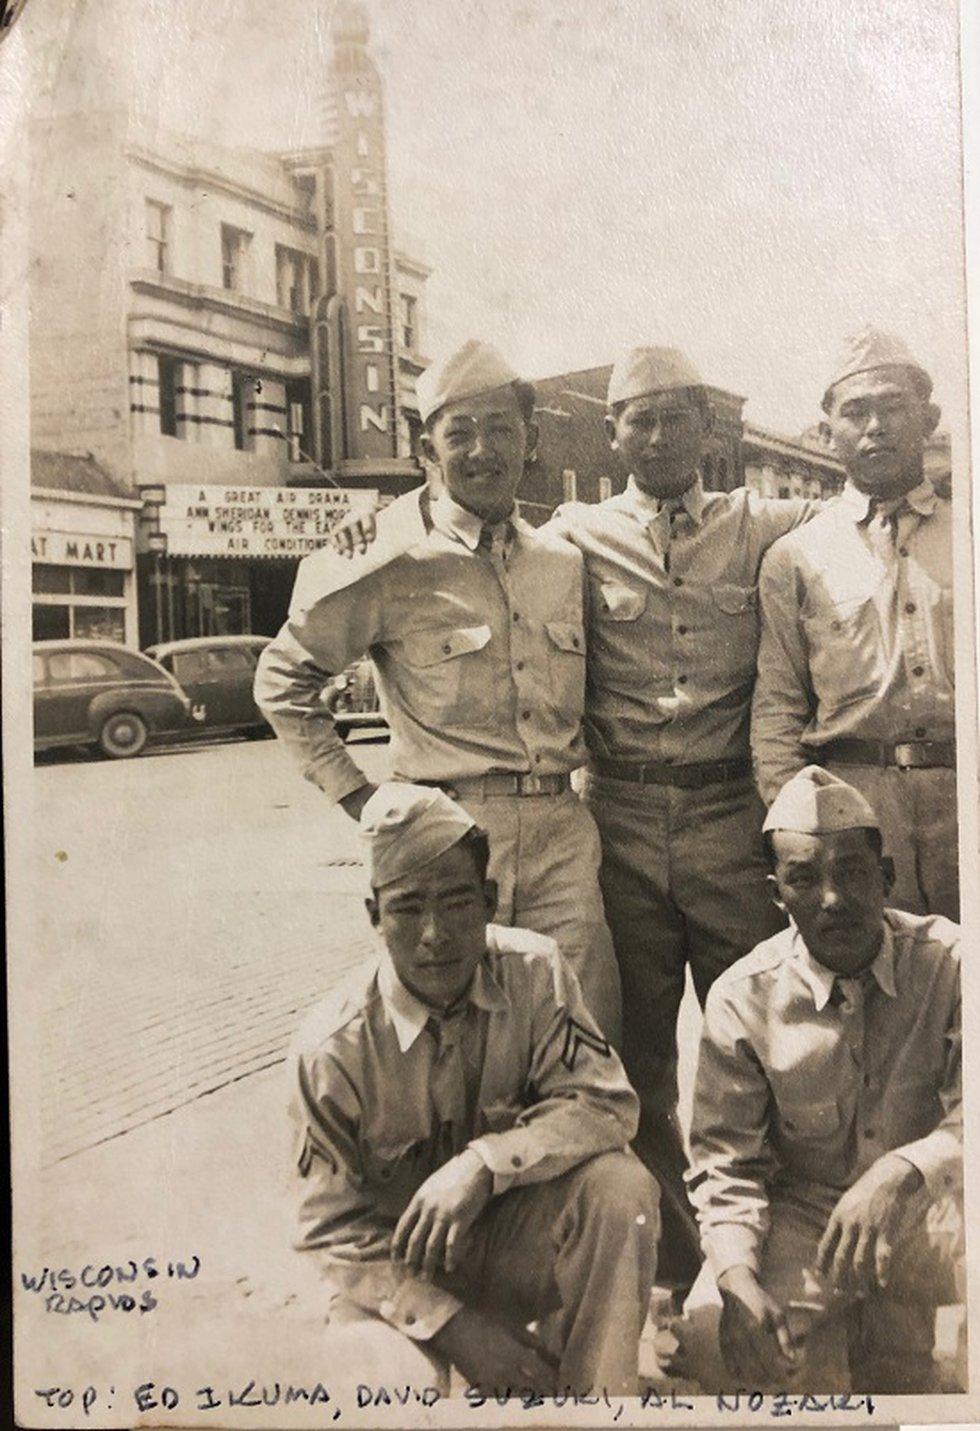 Edward Ikuma in Wisconsin during World War II